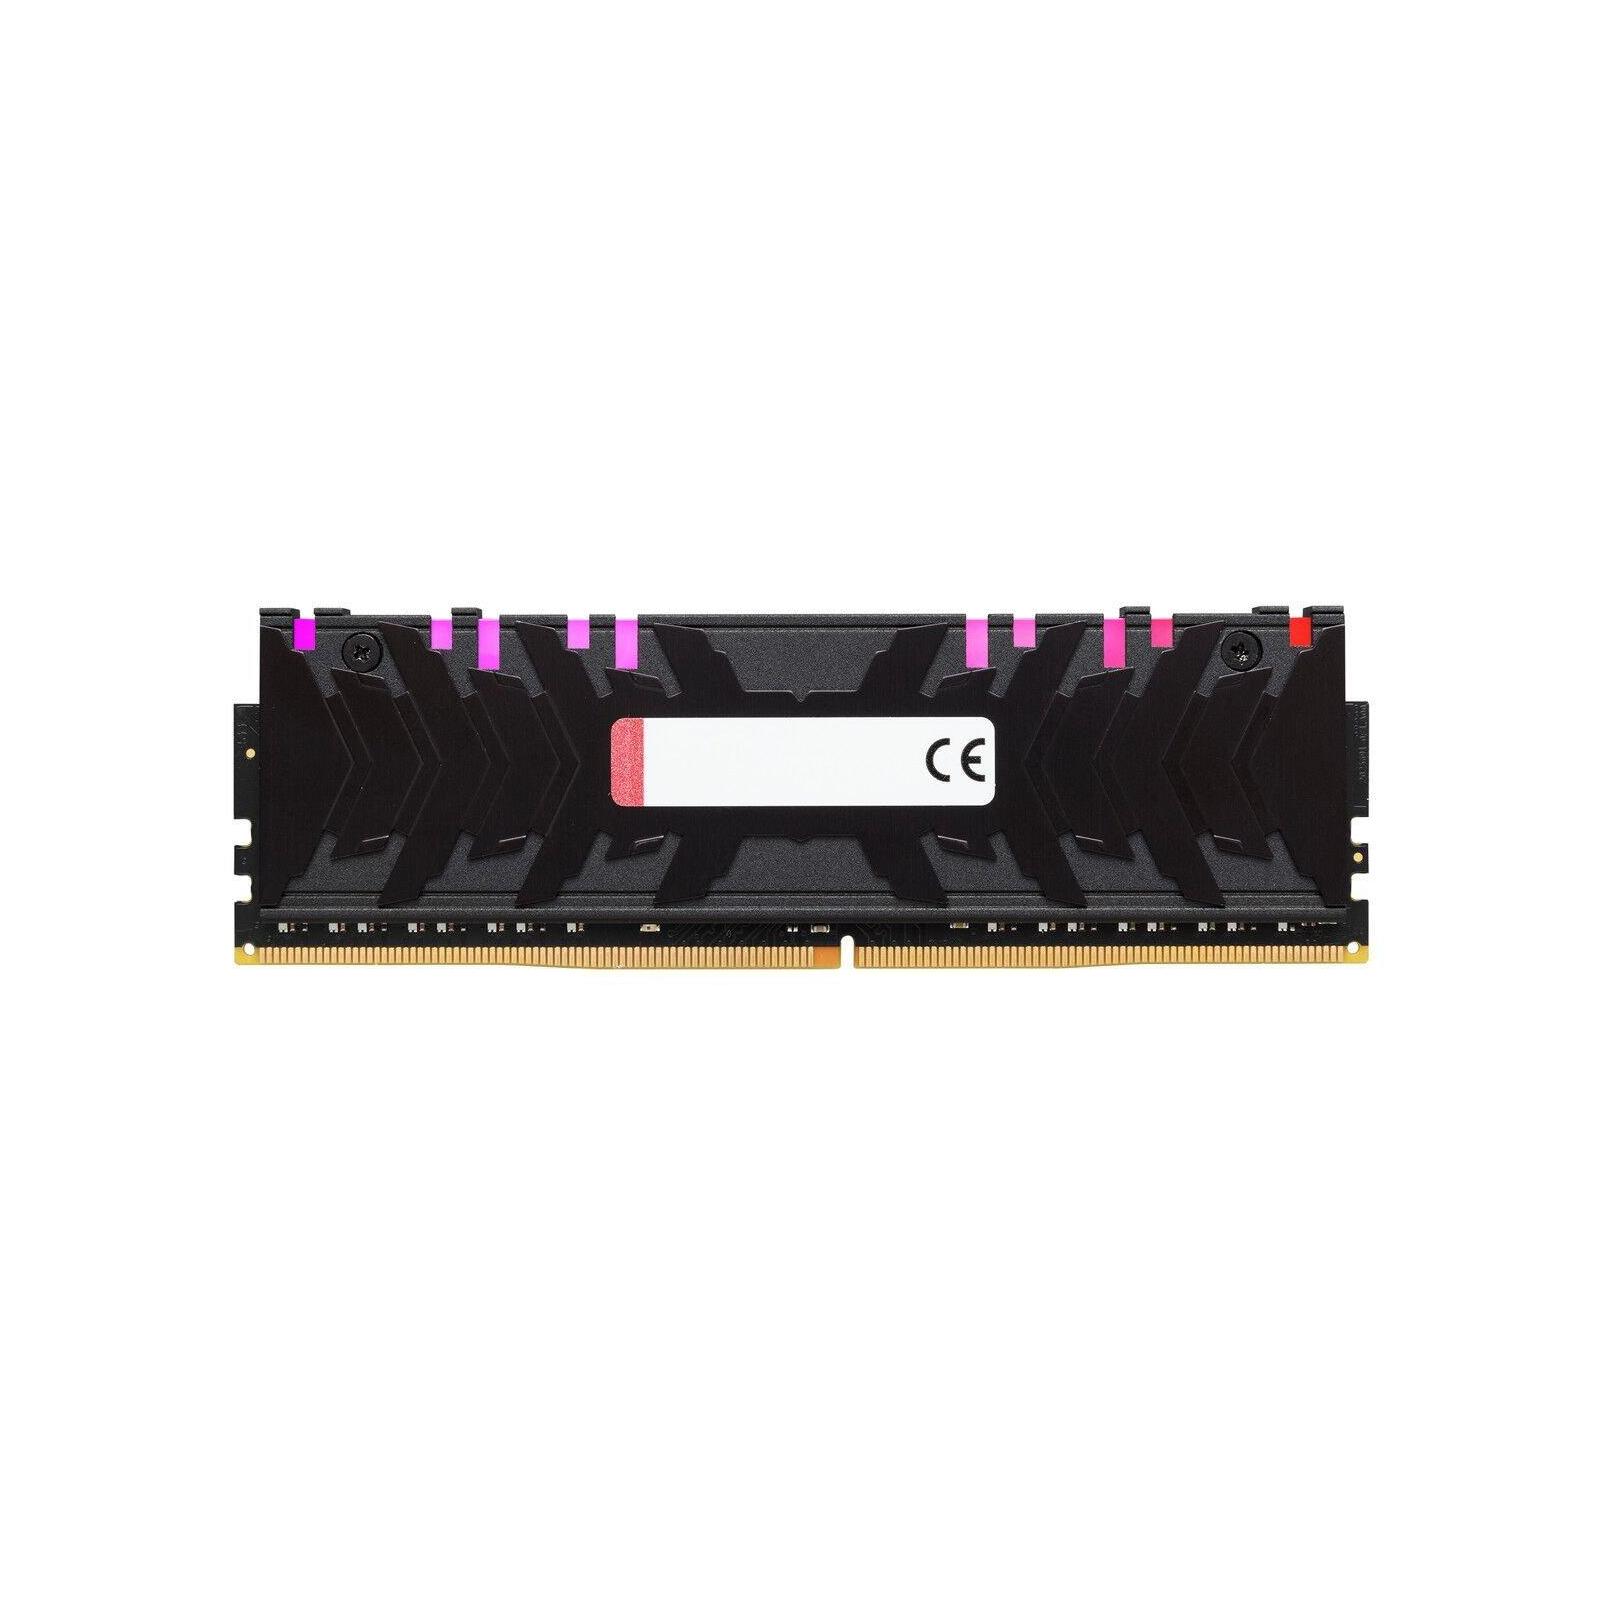 Модуль пам'яті для комп'ютера DDR4 8GB 3000 MHz HyperX Predator RGB Kingston (HX430C15PB3A/8) зображення 3